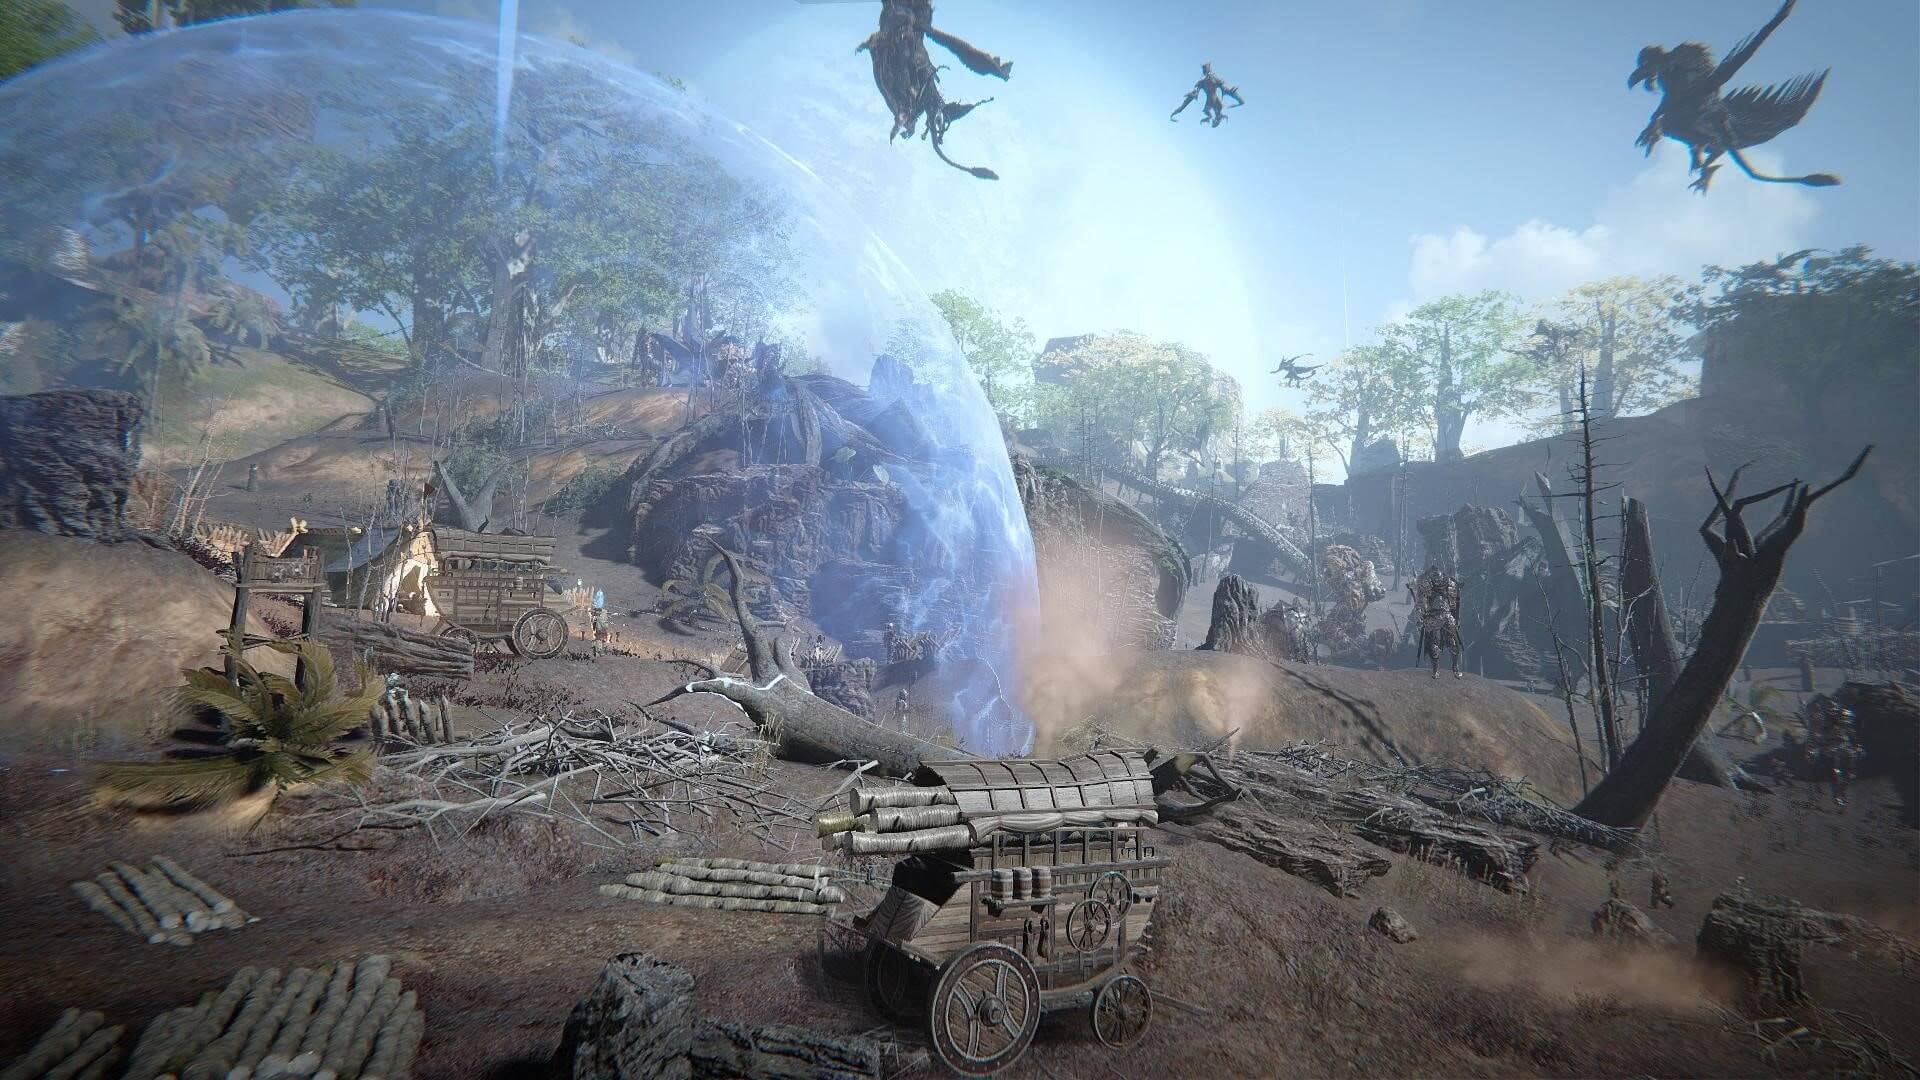 Вступительный синематик новой MMORPG Ascent: Infinite Realm